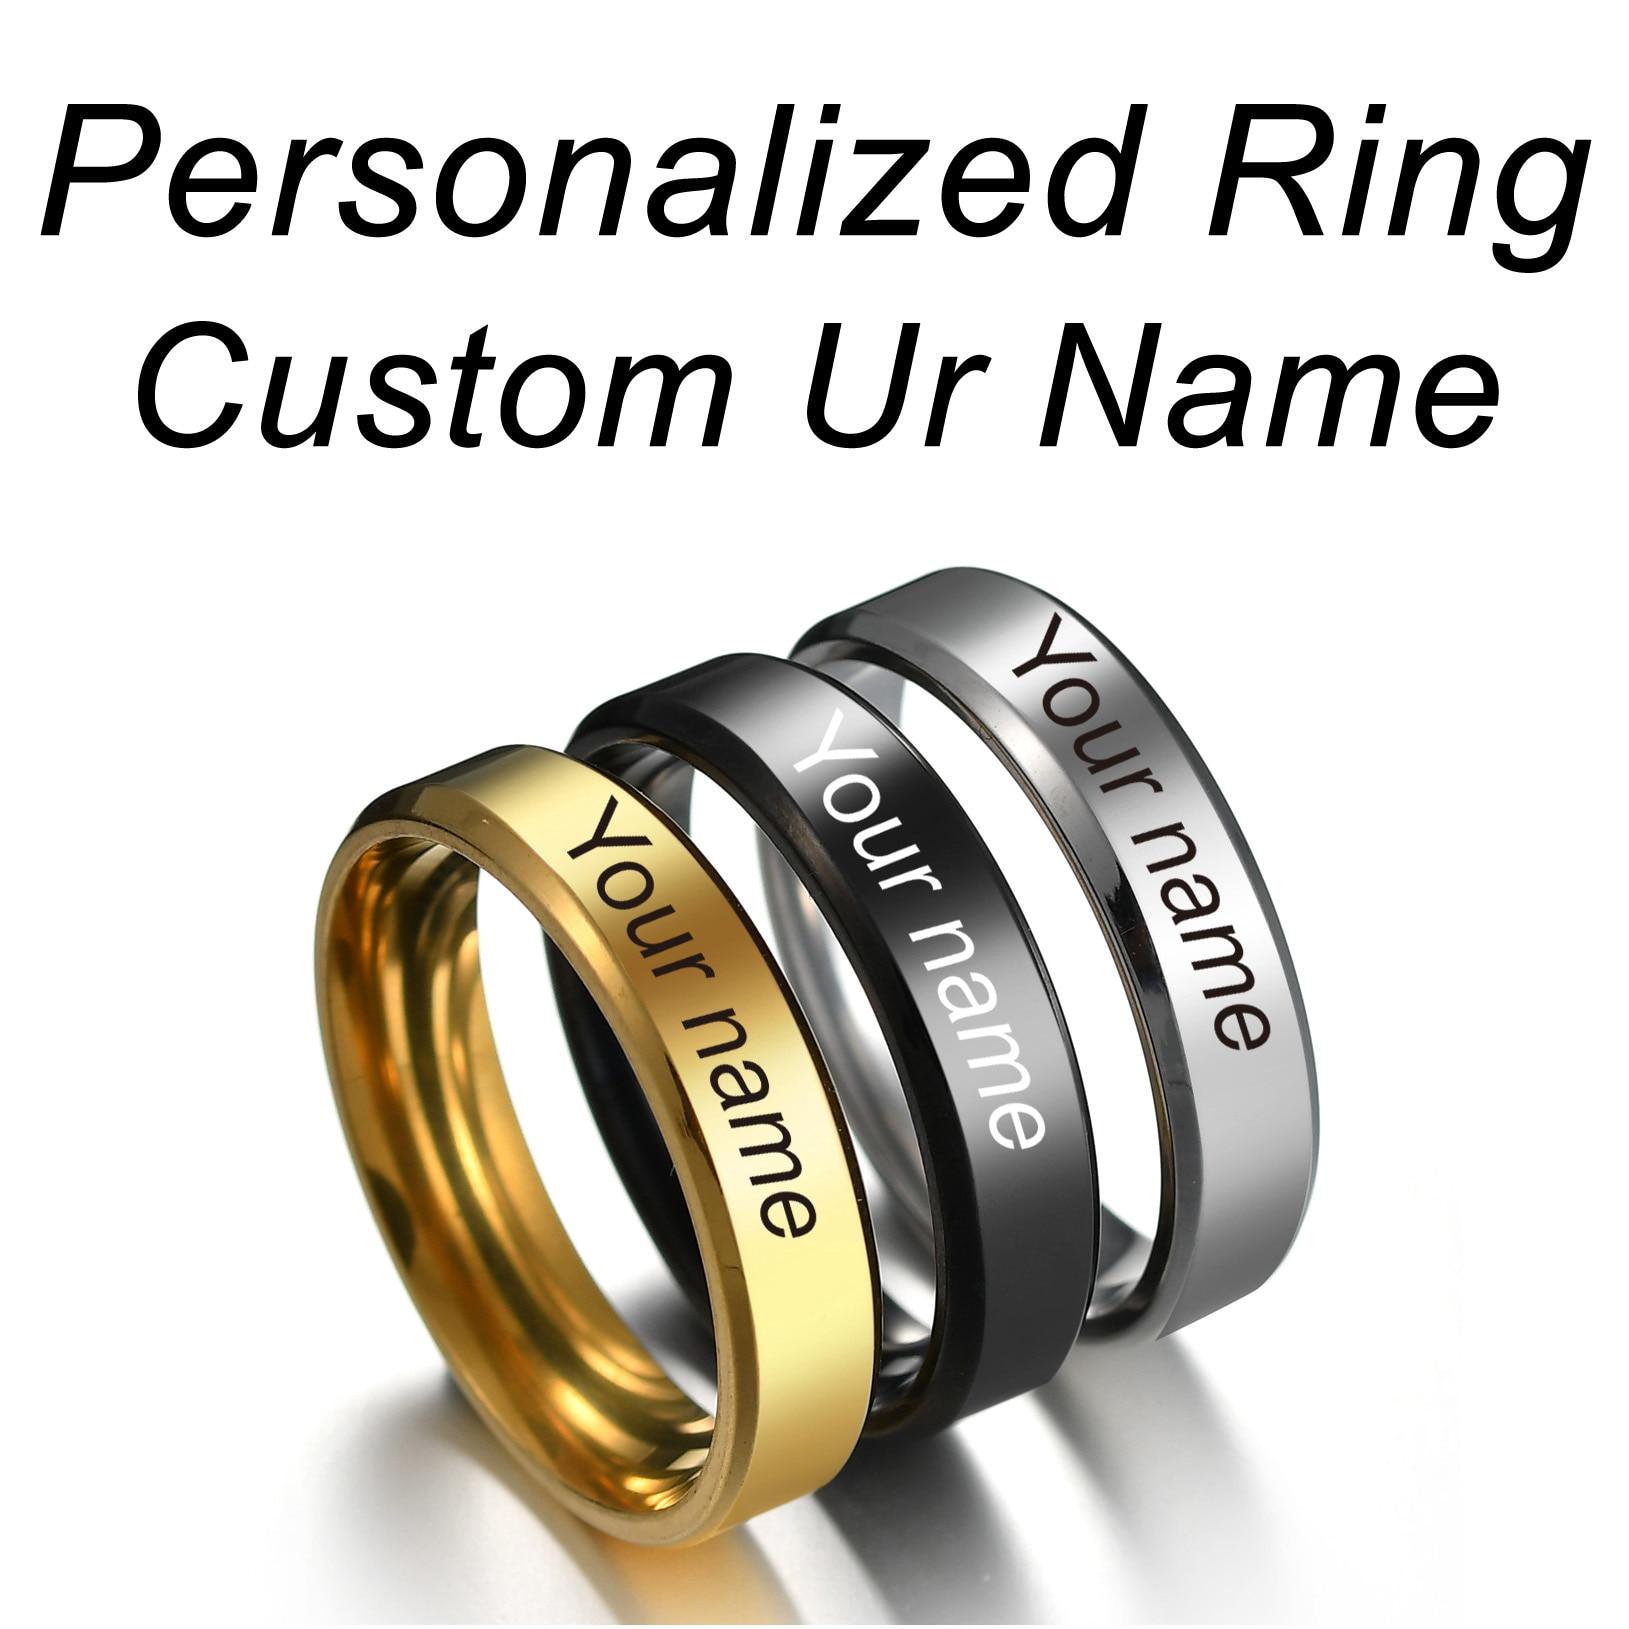 Персонализированные кольца из нержавеющей стали, выполненные по индивидуальному заказу, выгравированы с вашим именем, текстовые подписи, п...